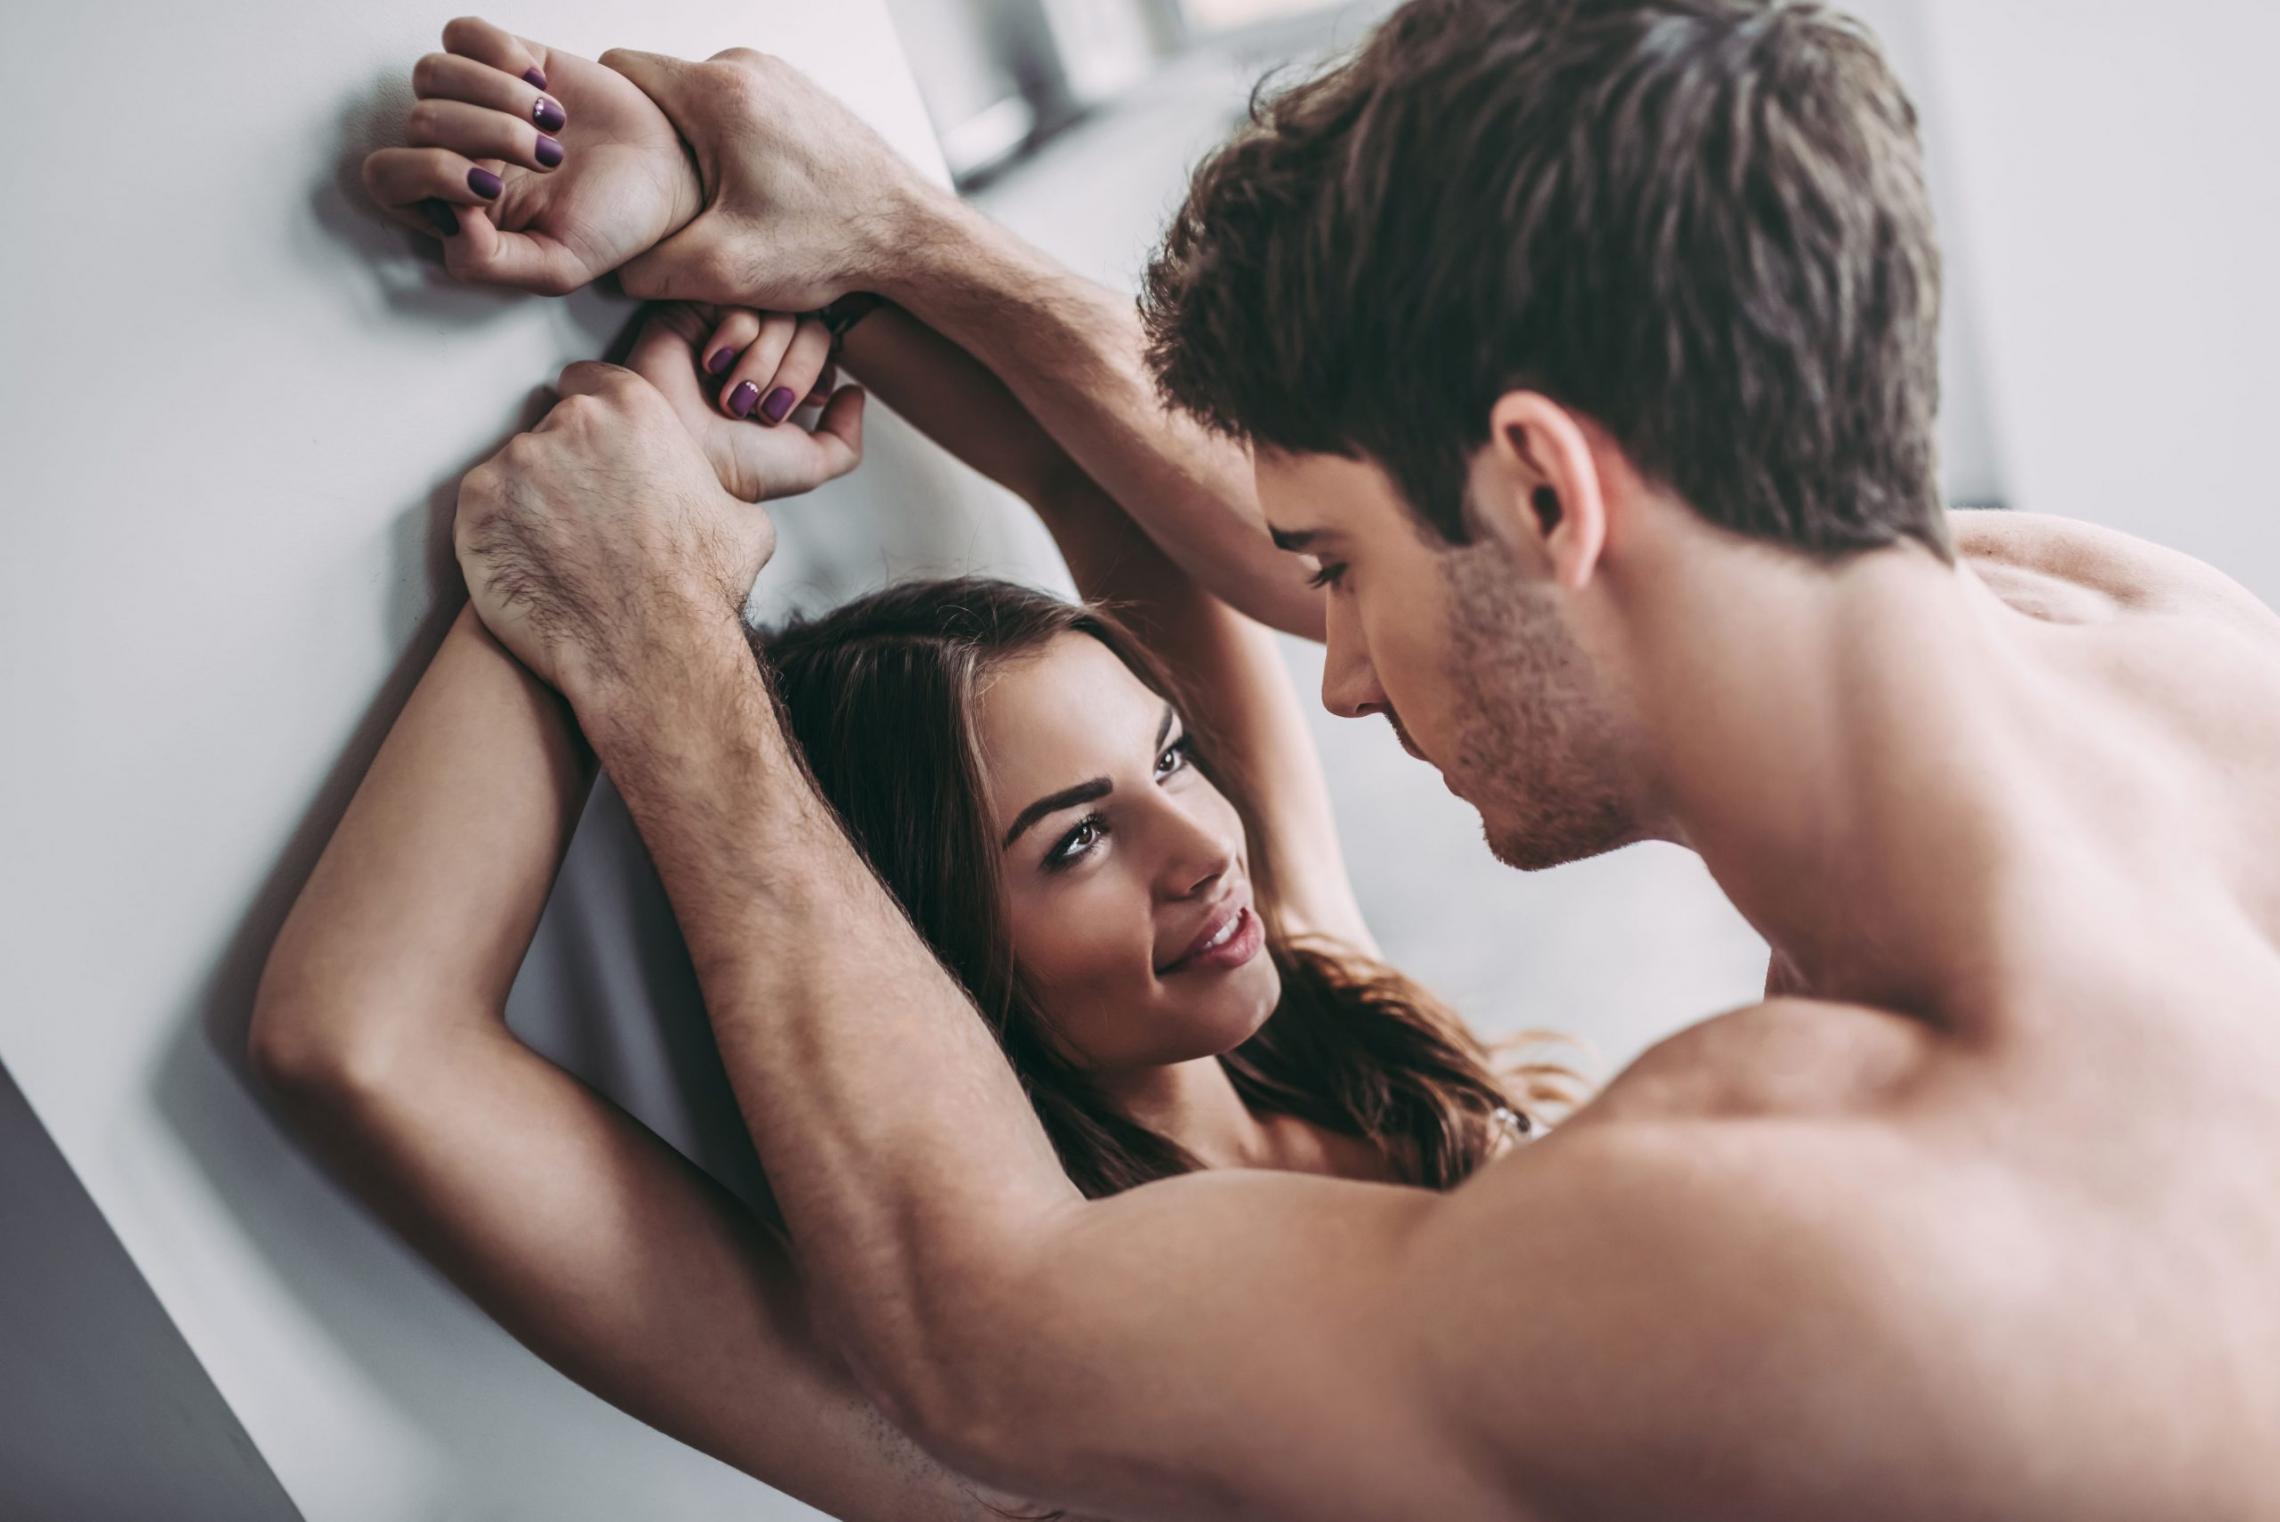 7 признаков того, что вашей сексуальной жизни нужно больше внимания